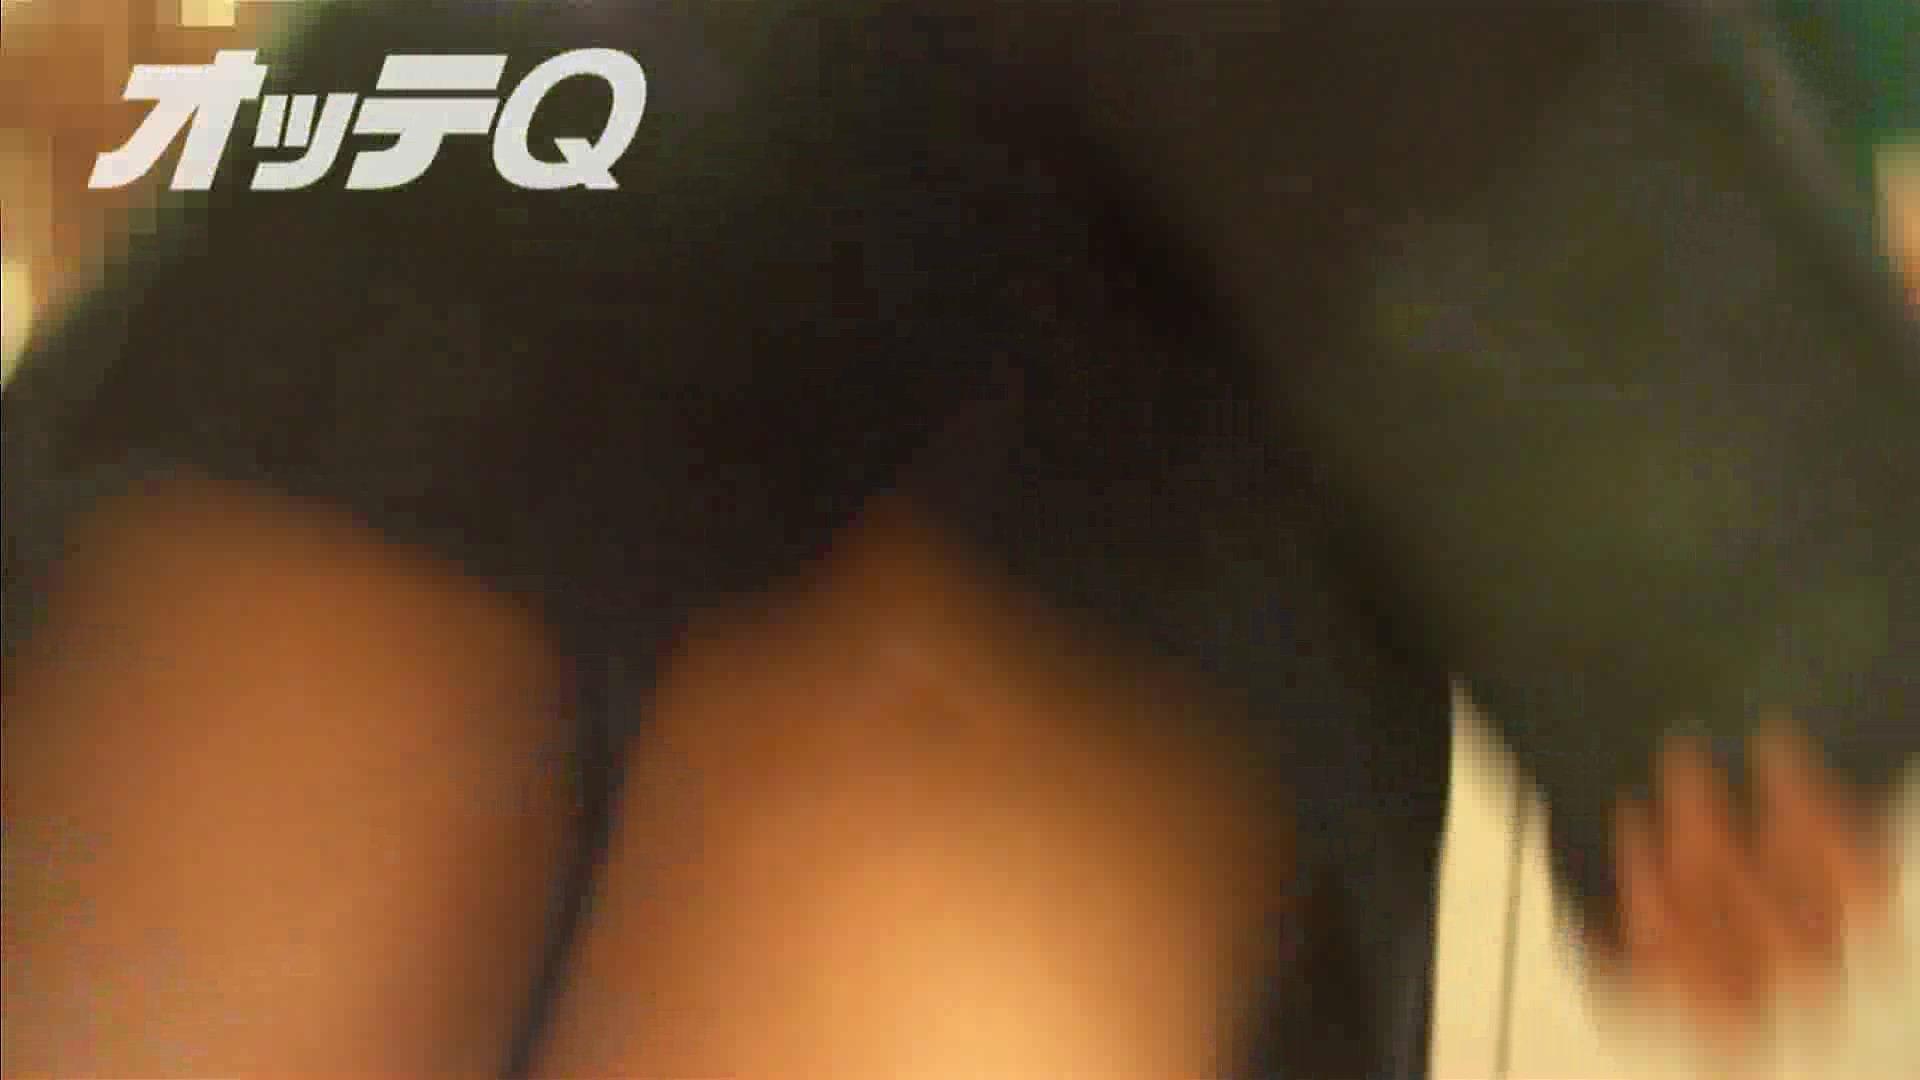 ハイビジョンパンチラ オッテQさんの追跡パンチラデパート編VOL.04 OLのエッチ オマンコ動画キャプチャ 105pic 92